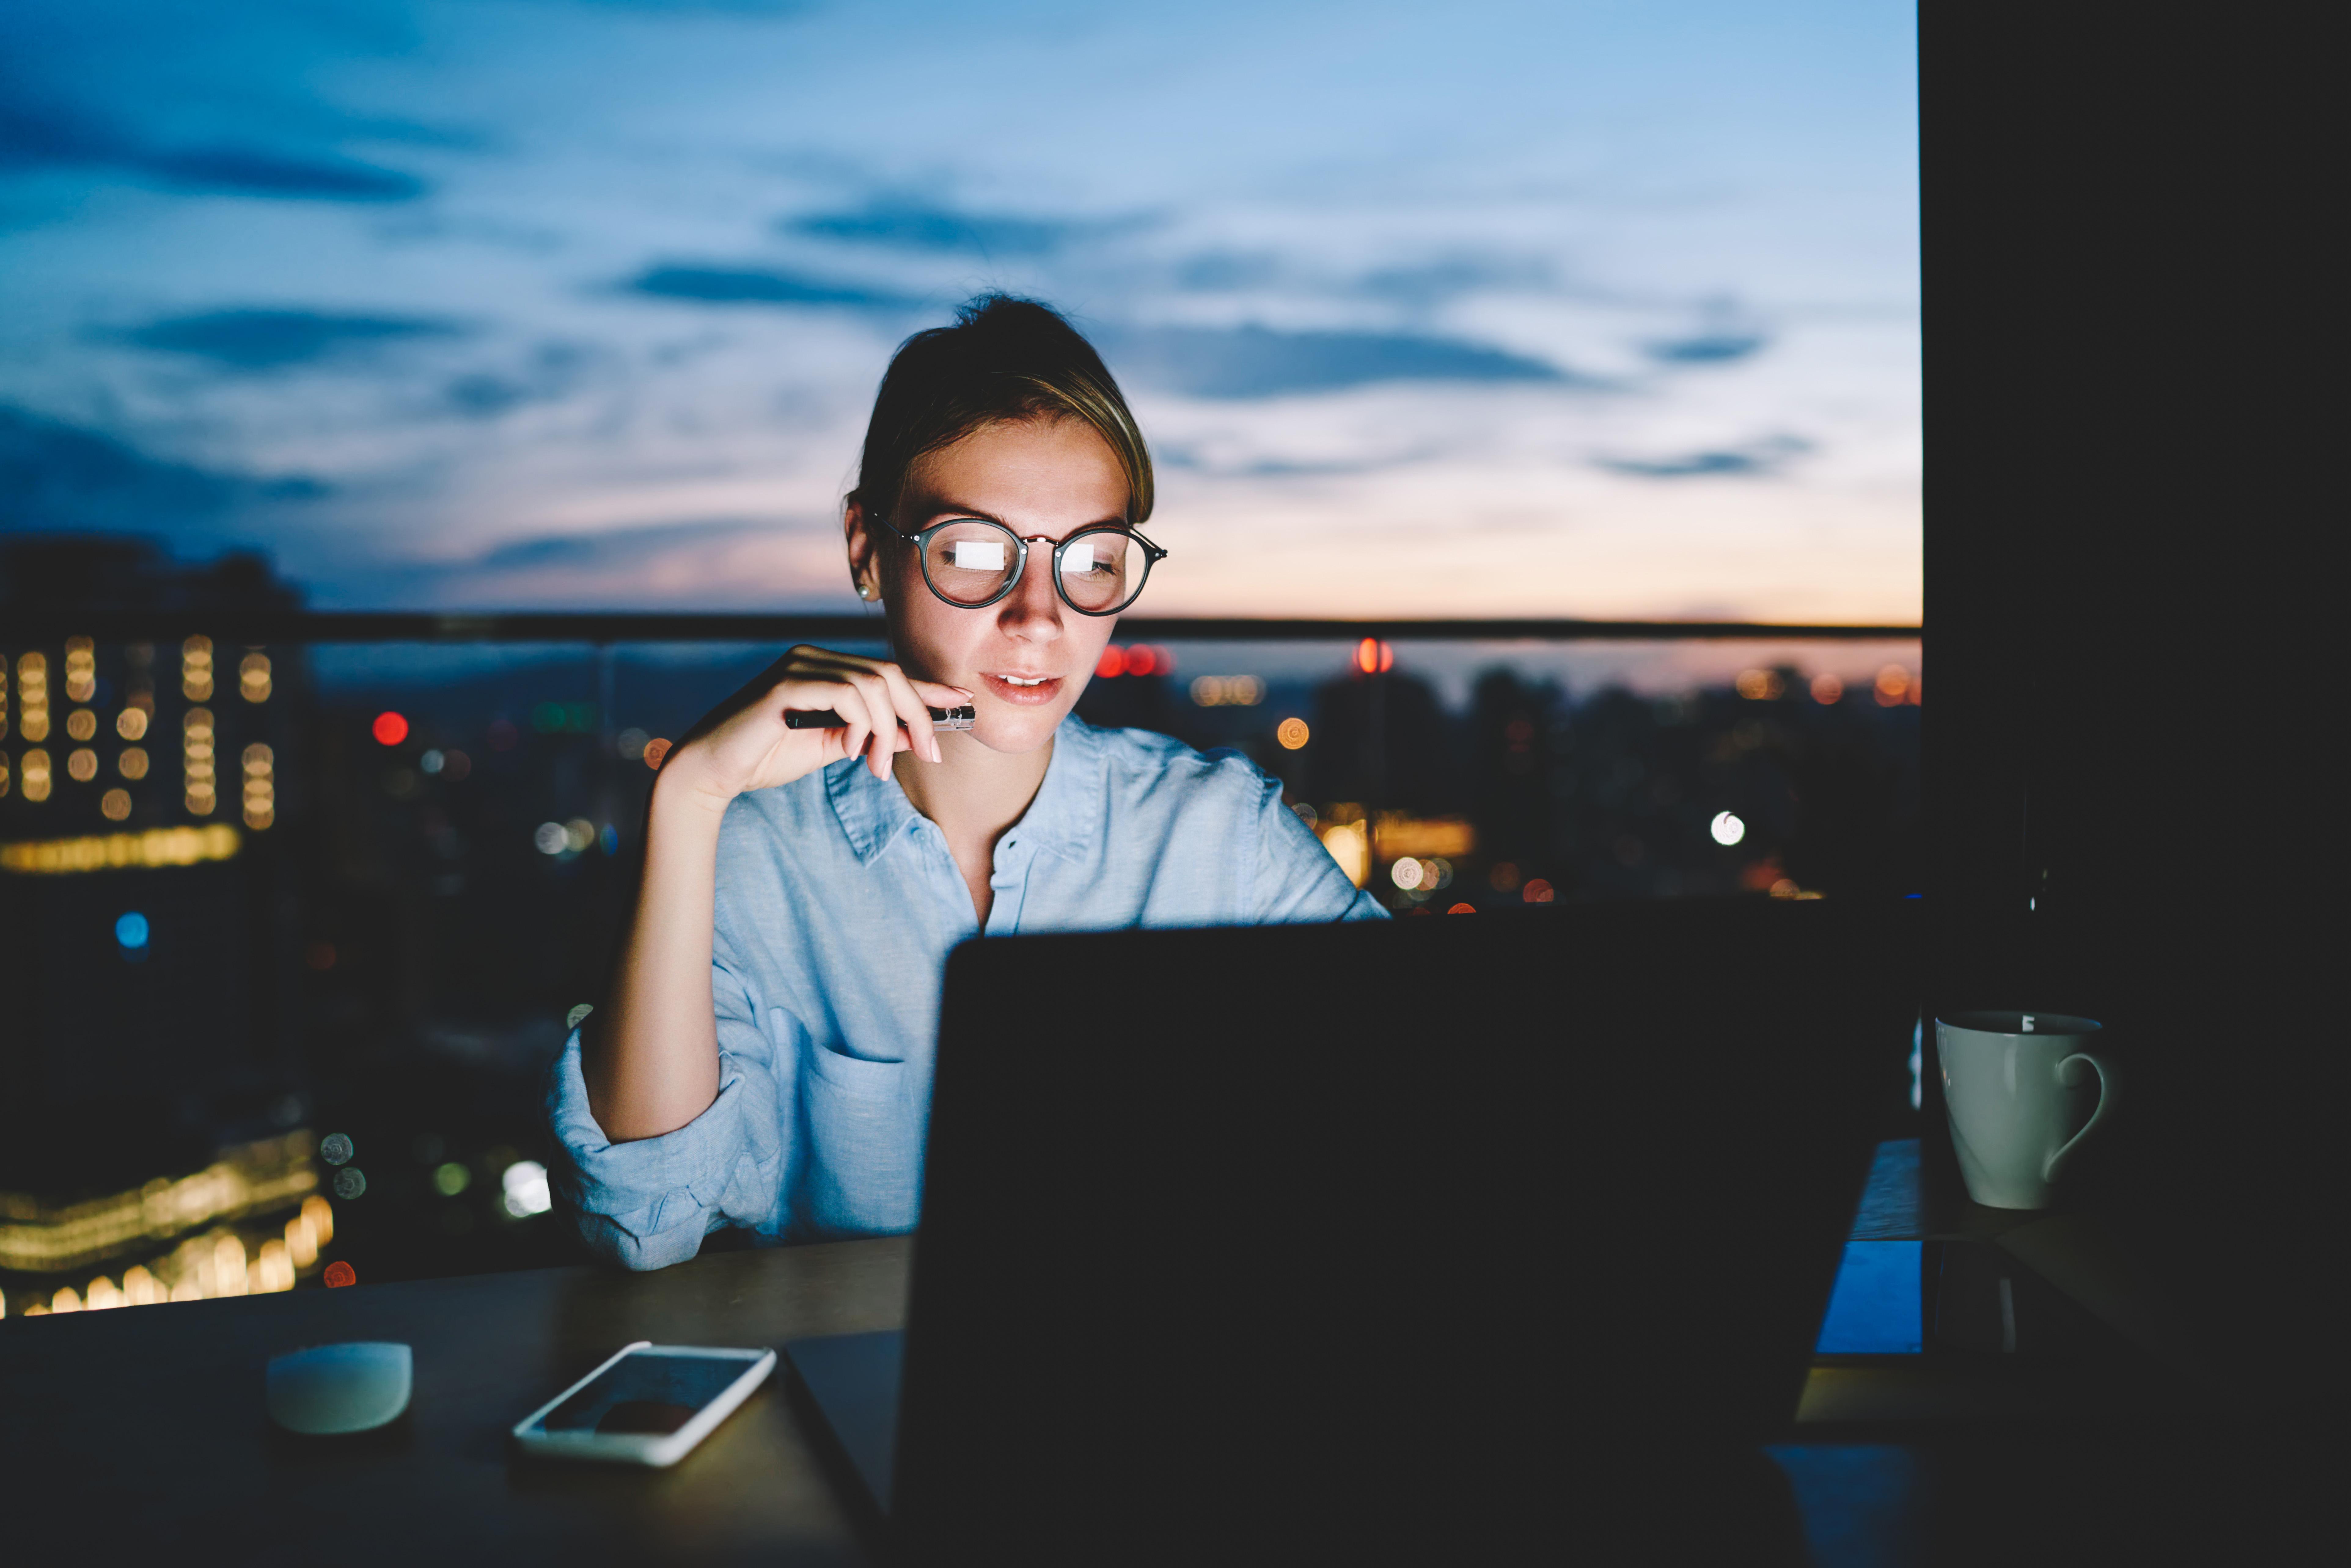 Como Lidar com Atrasos no Trabalho? Tolerância, CLT e Dicas Práticas